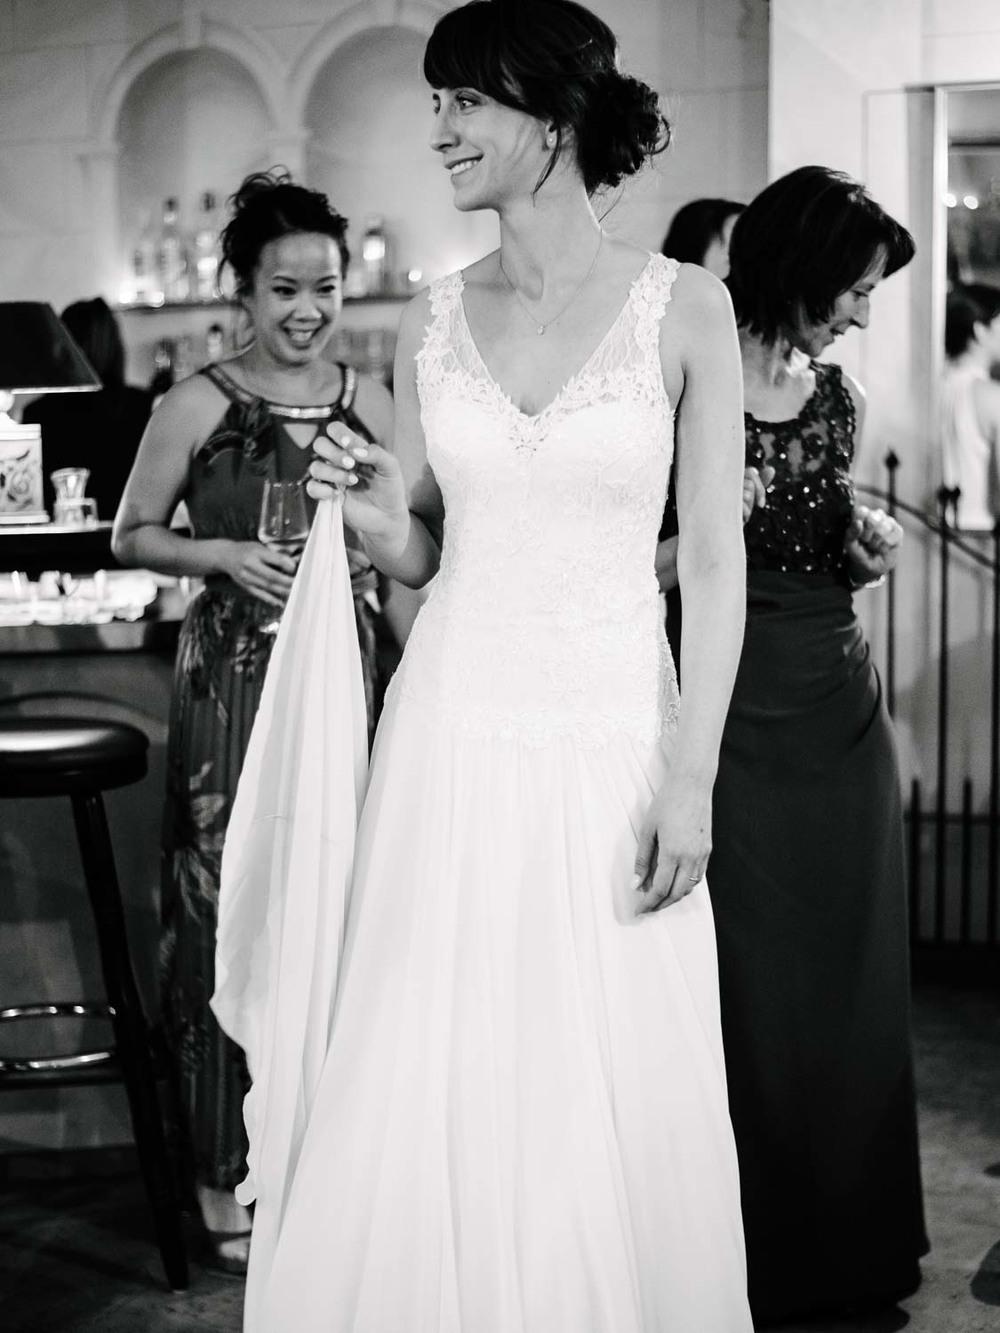 Braut hält ihr Kleid vor dem Hochzeitstanz Hochzeit Rostocker Fotograf in Augsburg